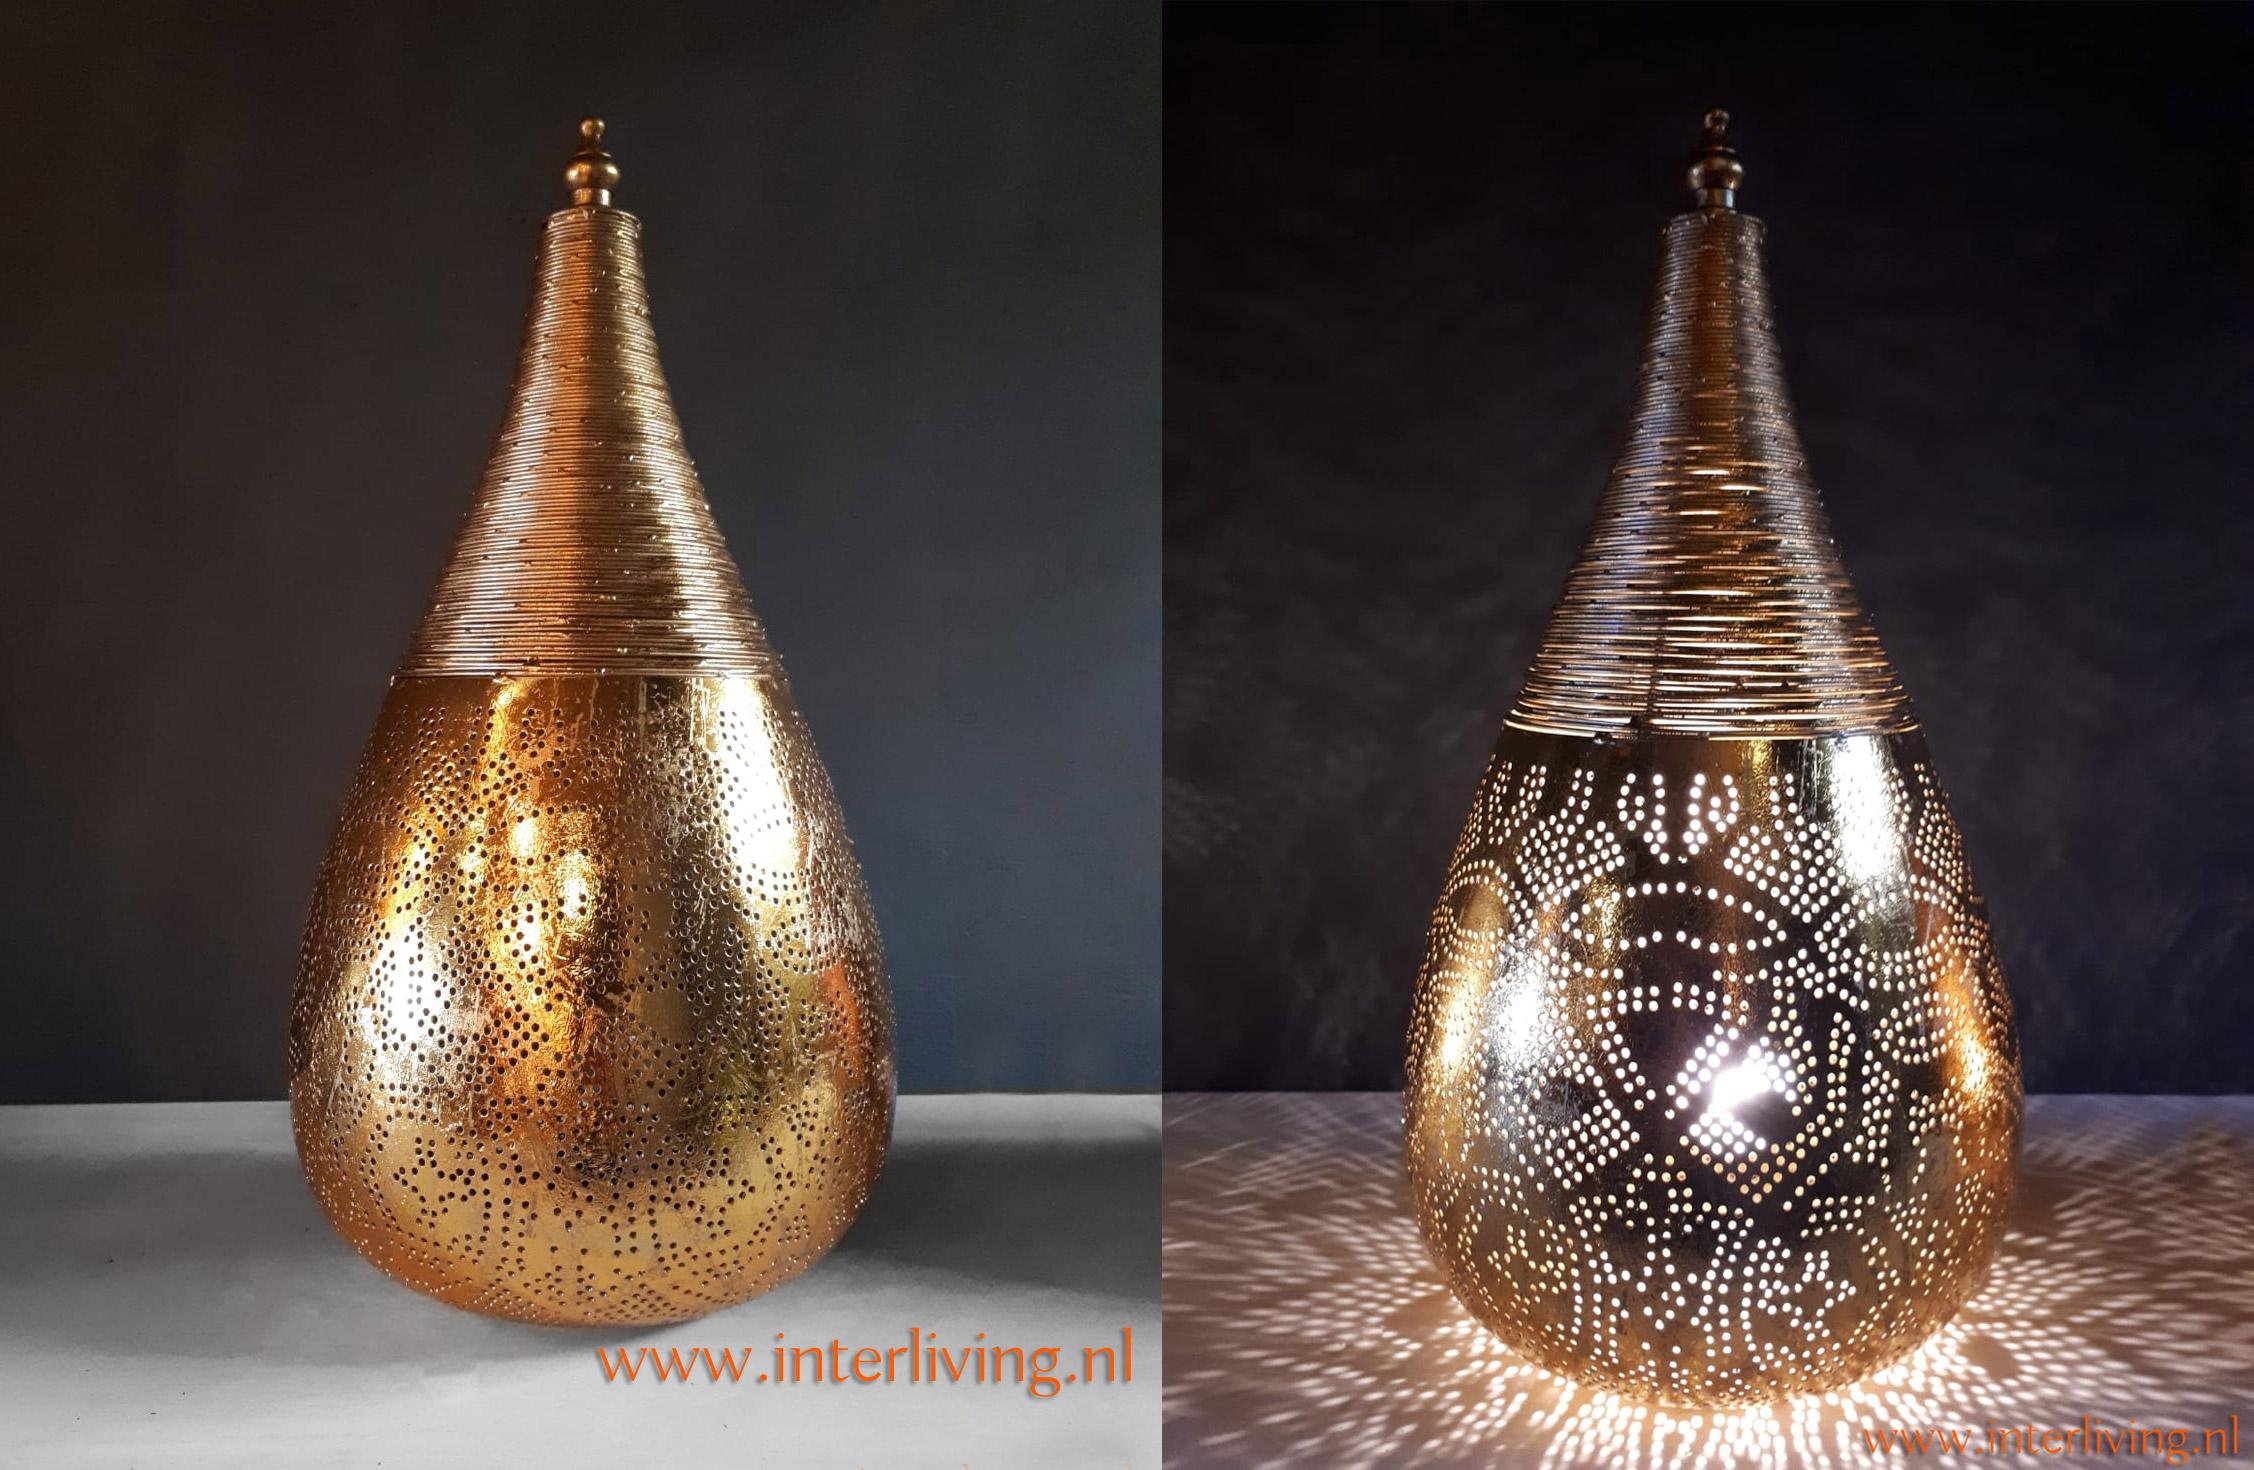 goud metalen lamp met gaatjes - interieur decoratie - boho Ibiza stijl